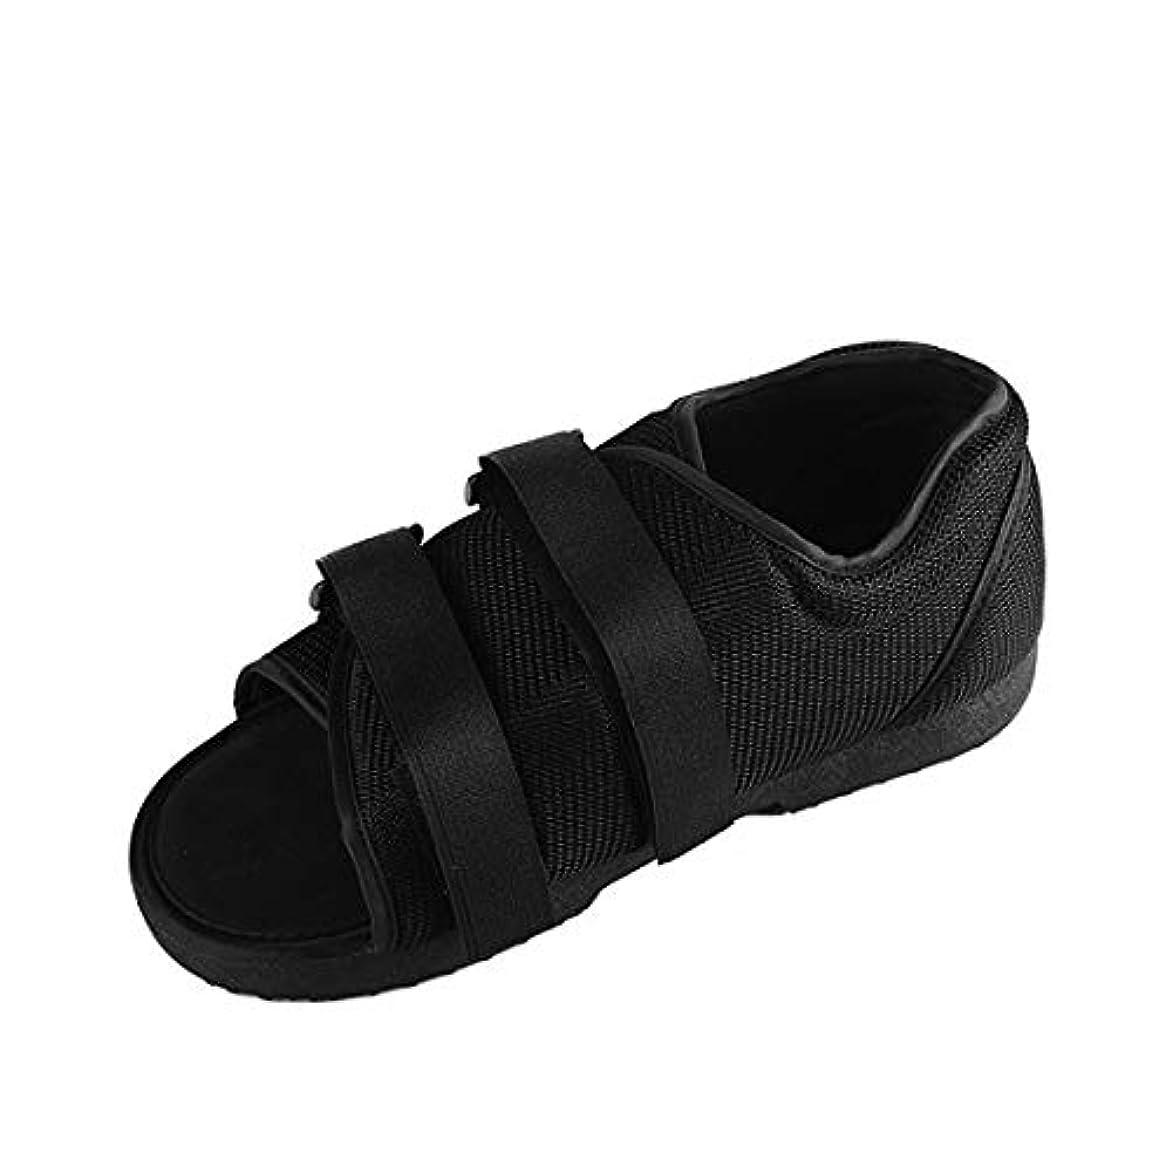 散る自転車フルート医療足骨折石膏の回復靴の手術後のつま先の靴を安定化骨折の靴を調整可能なファスナーで完全なカバー,WS23.5*9cm